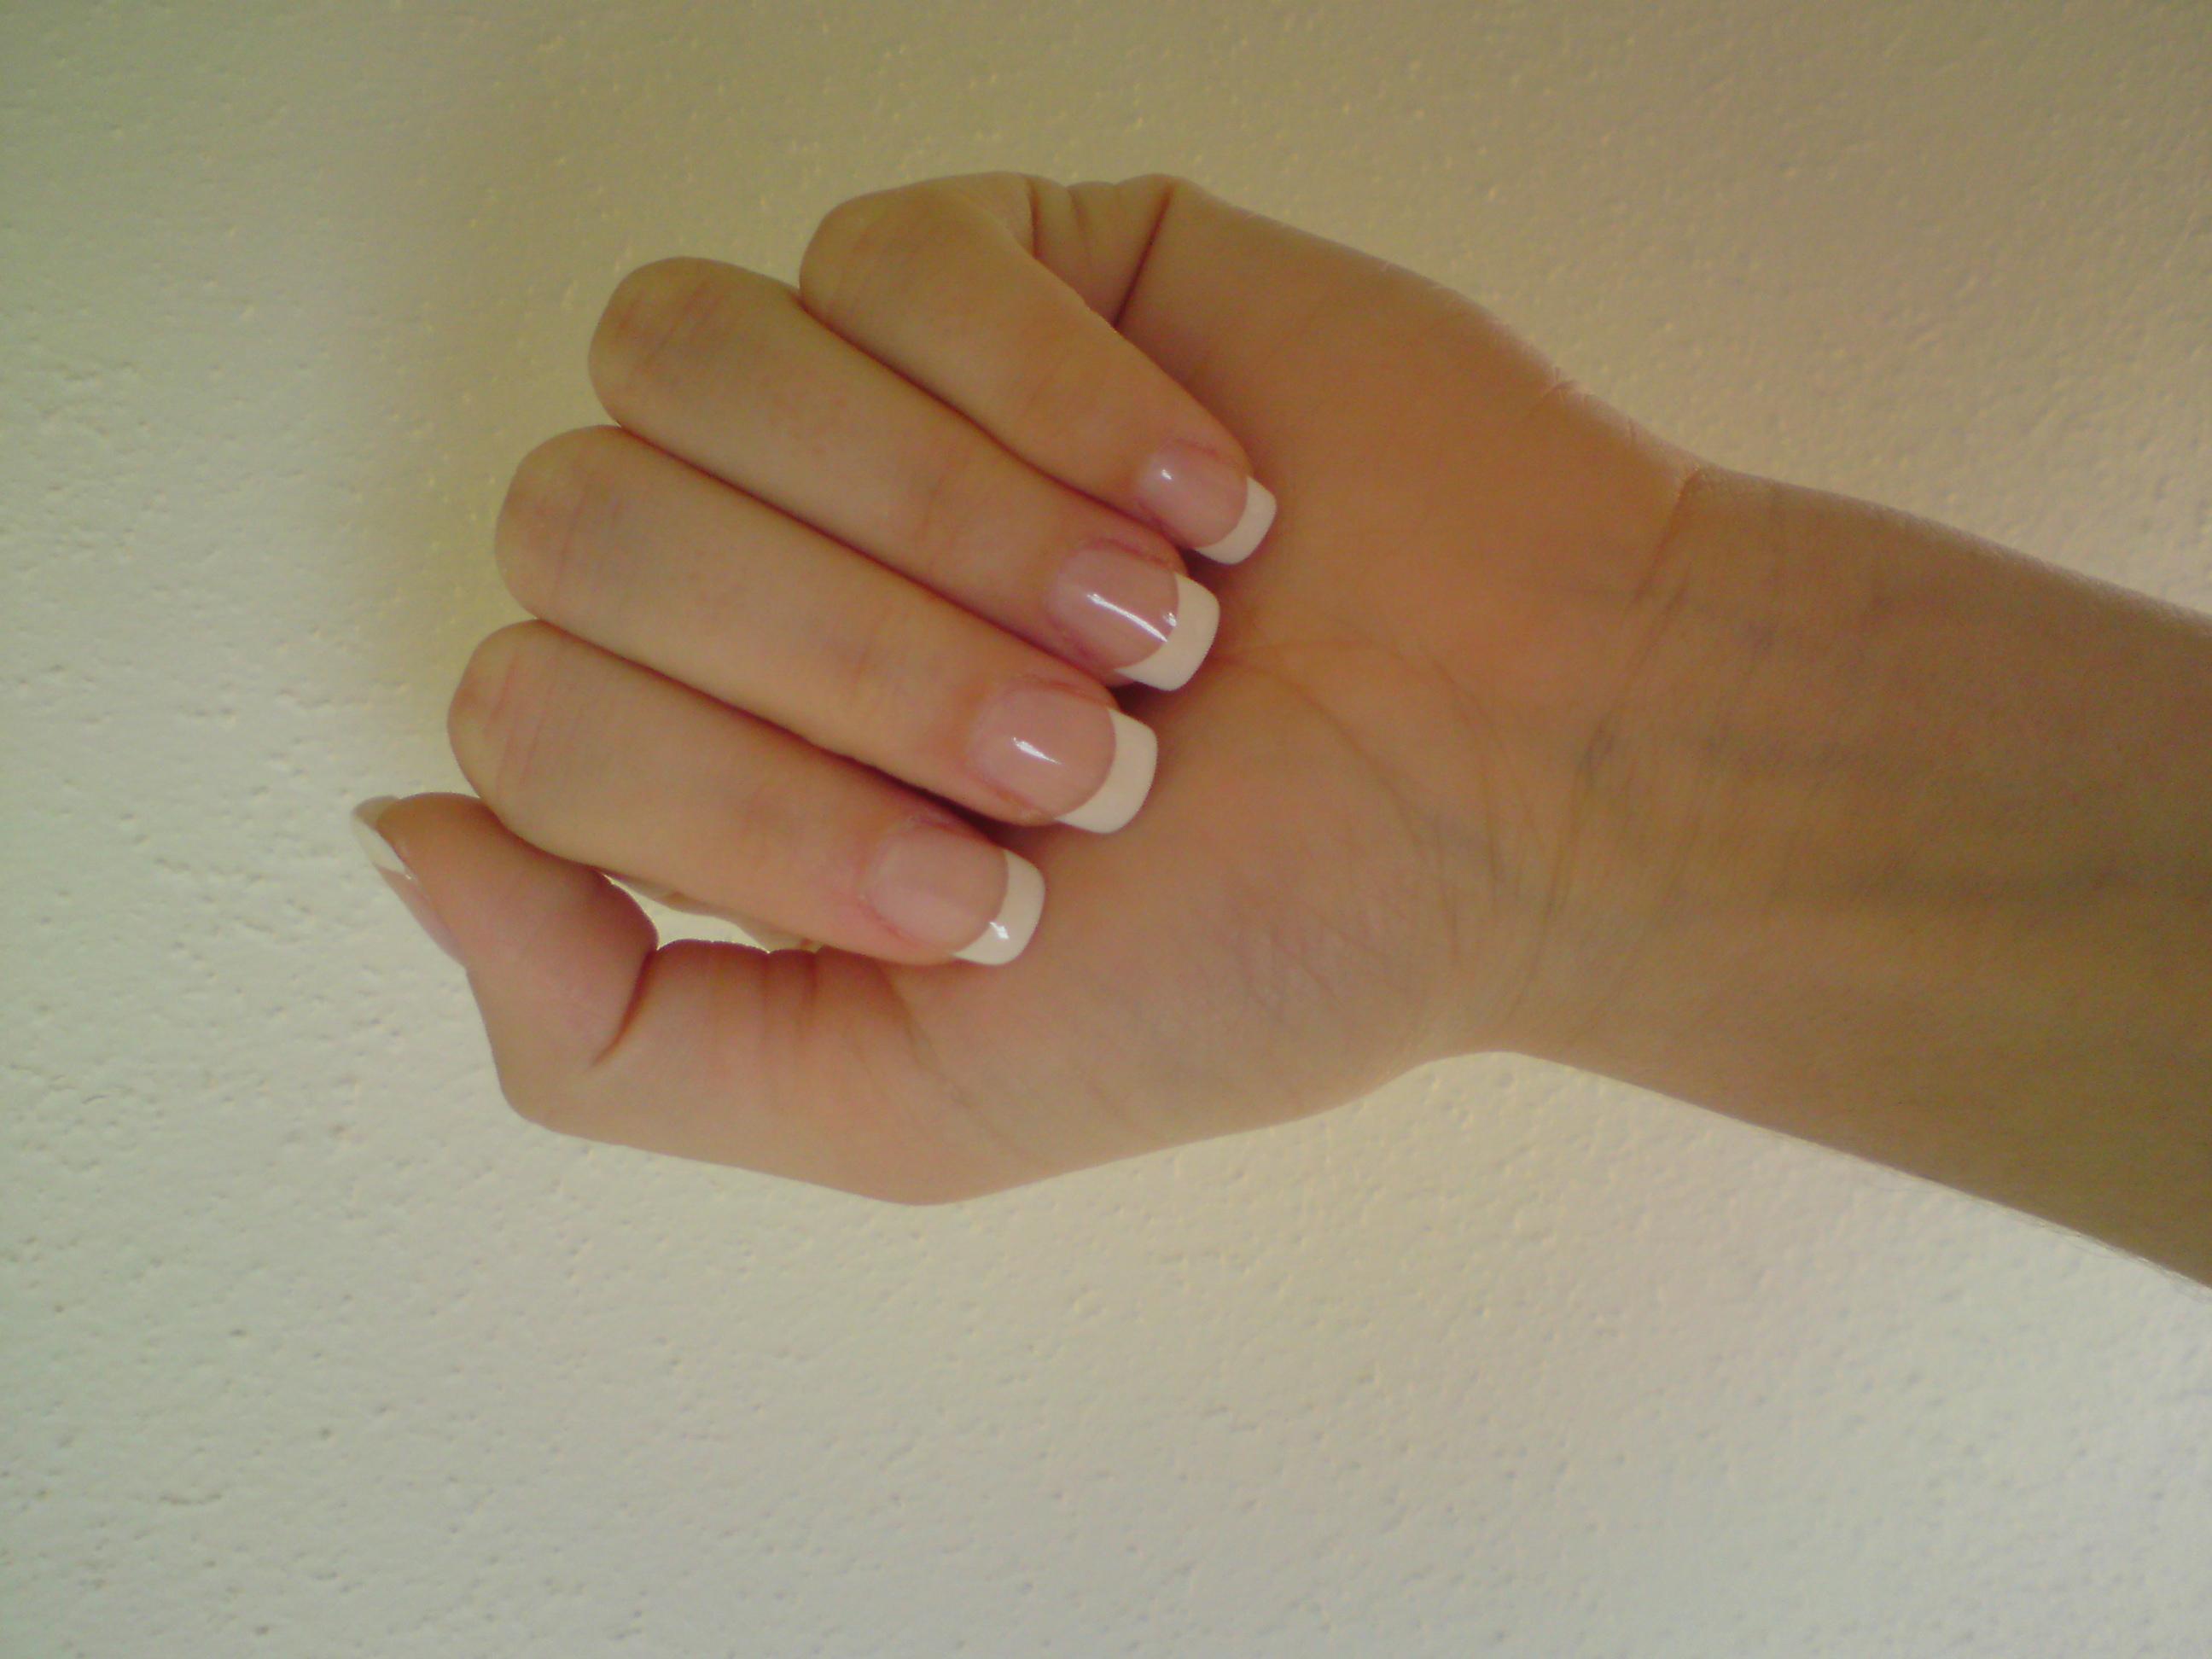 Fina naglar